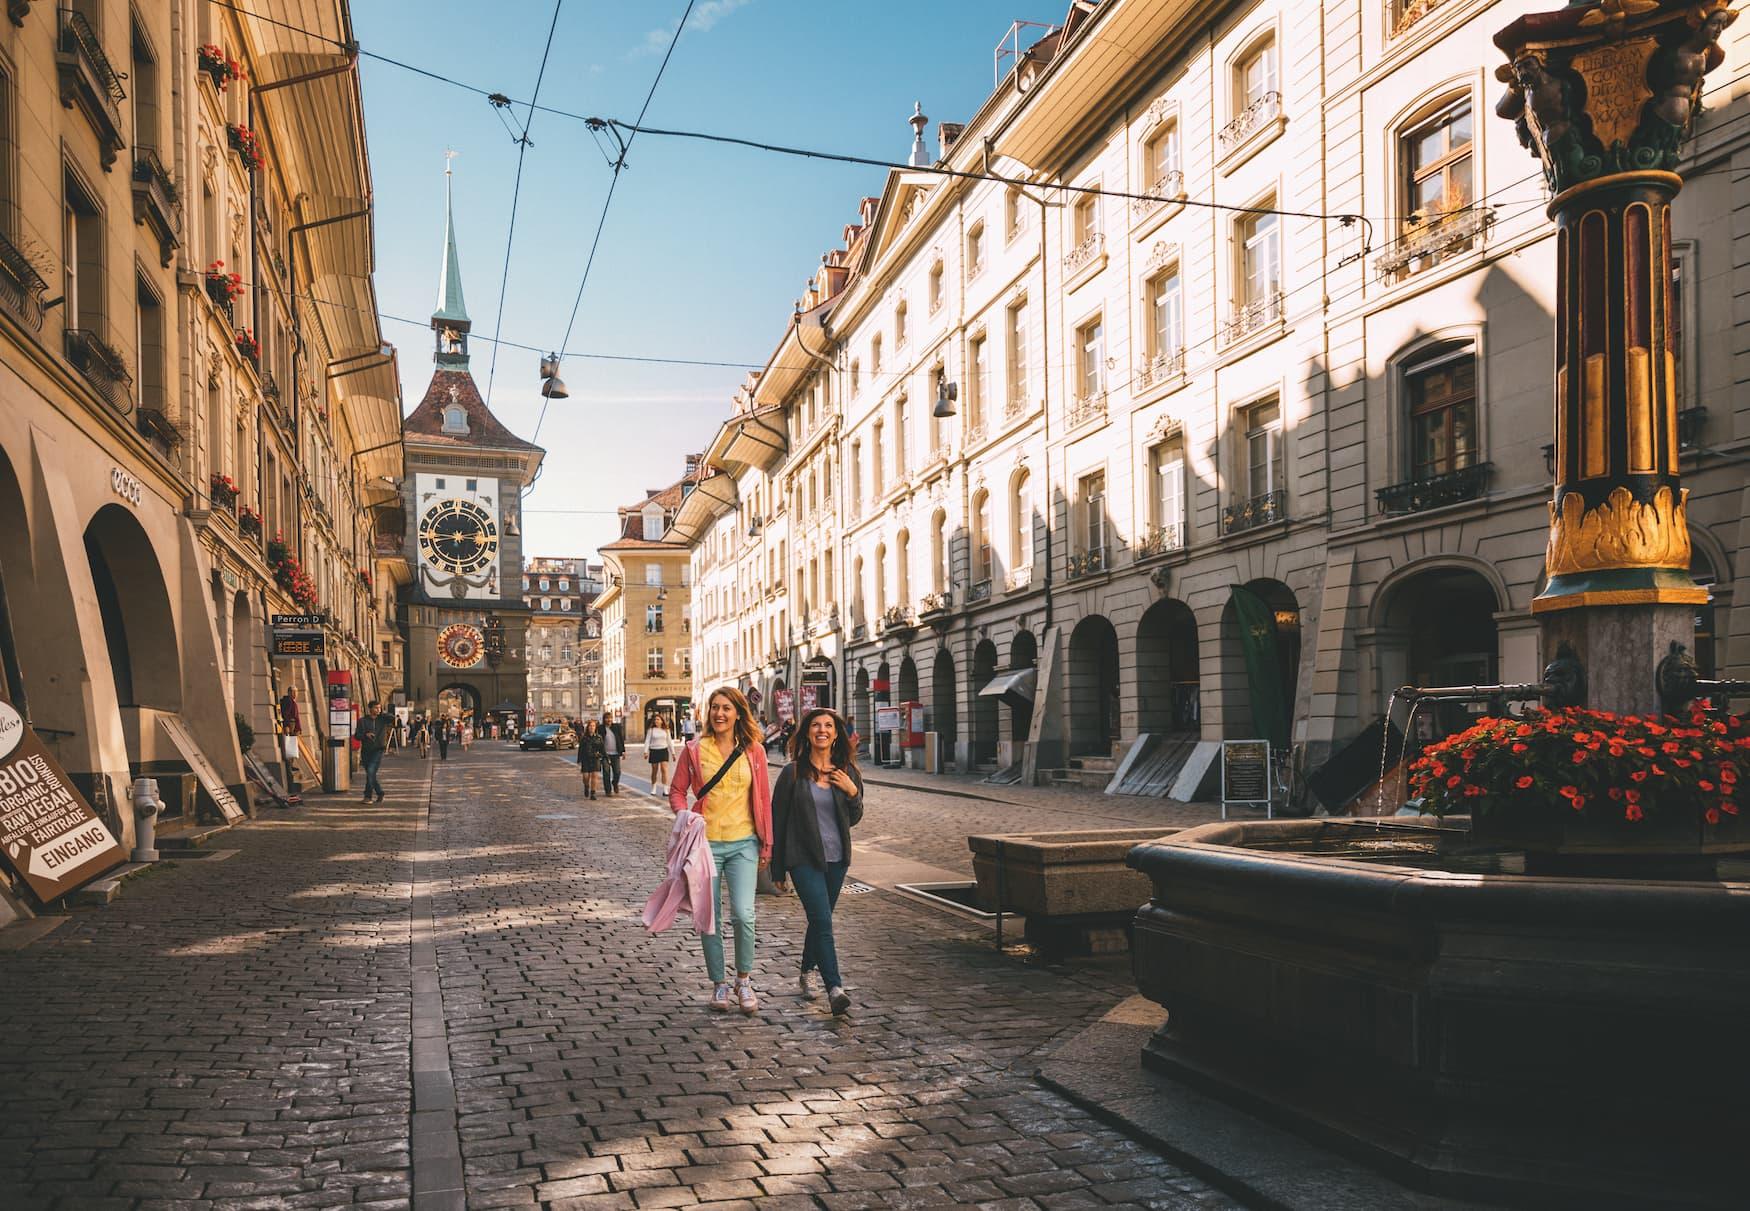 Zwei junge Frauen schlendern durch die Altstadt von Berne, Schweiz